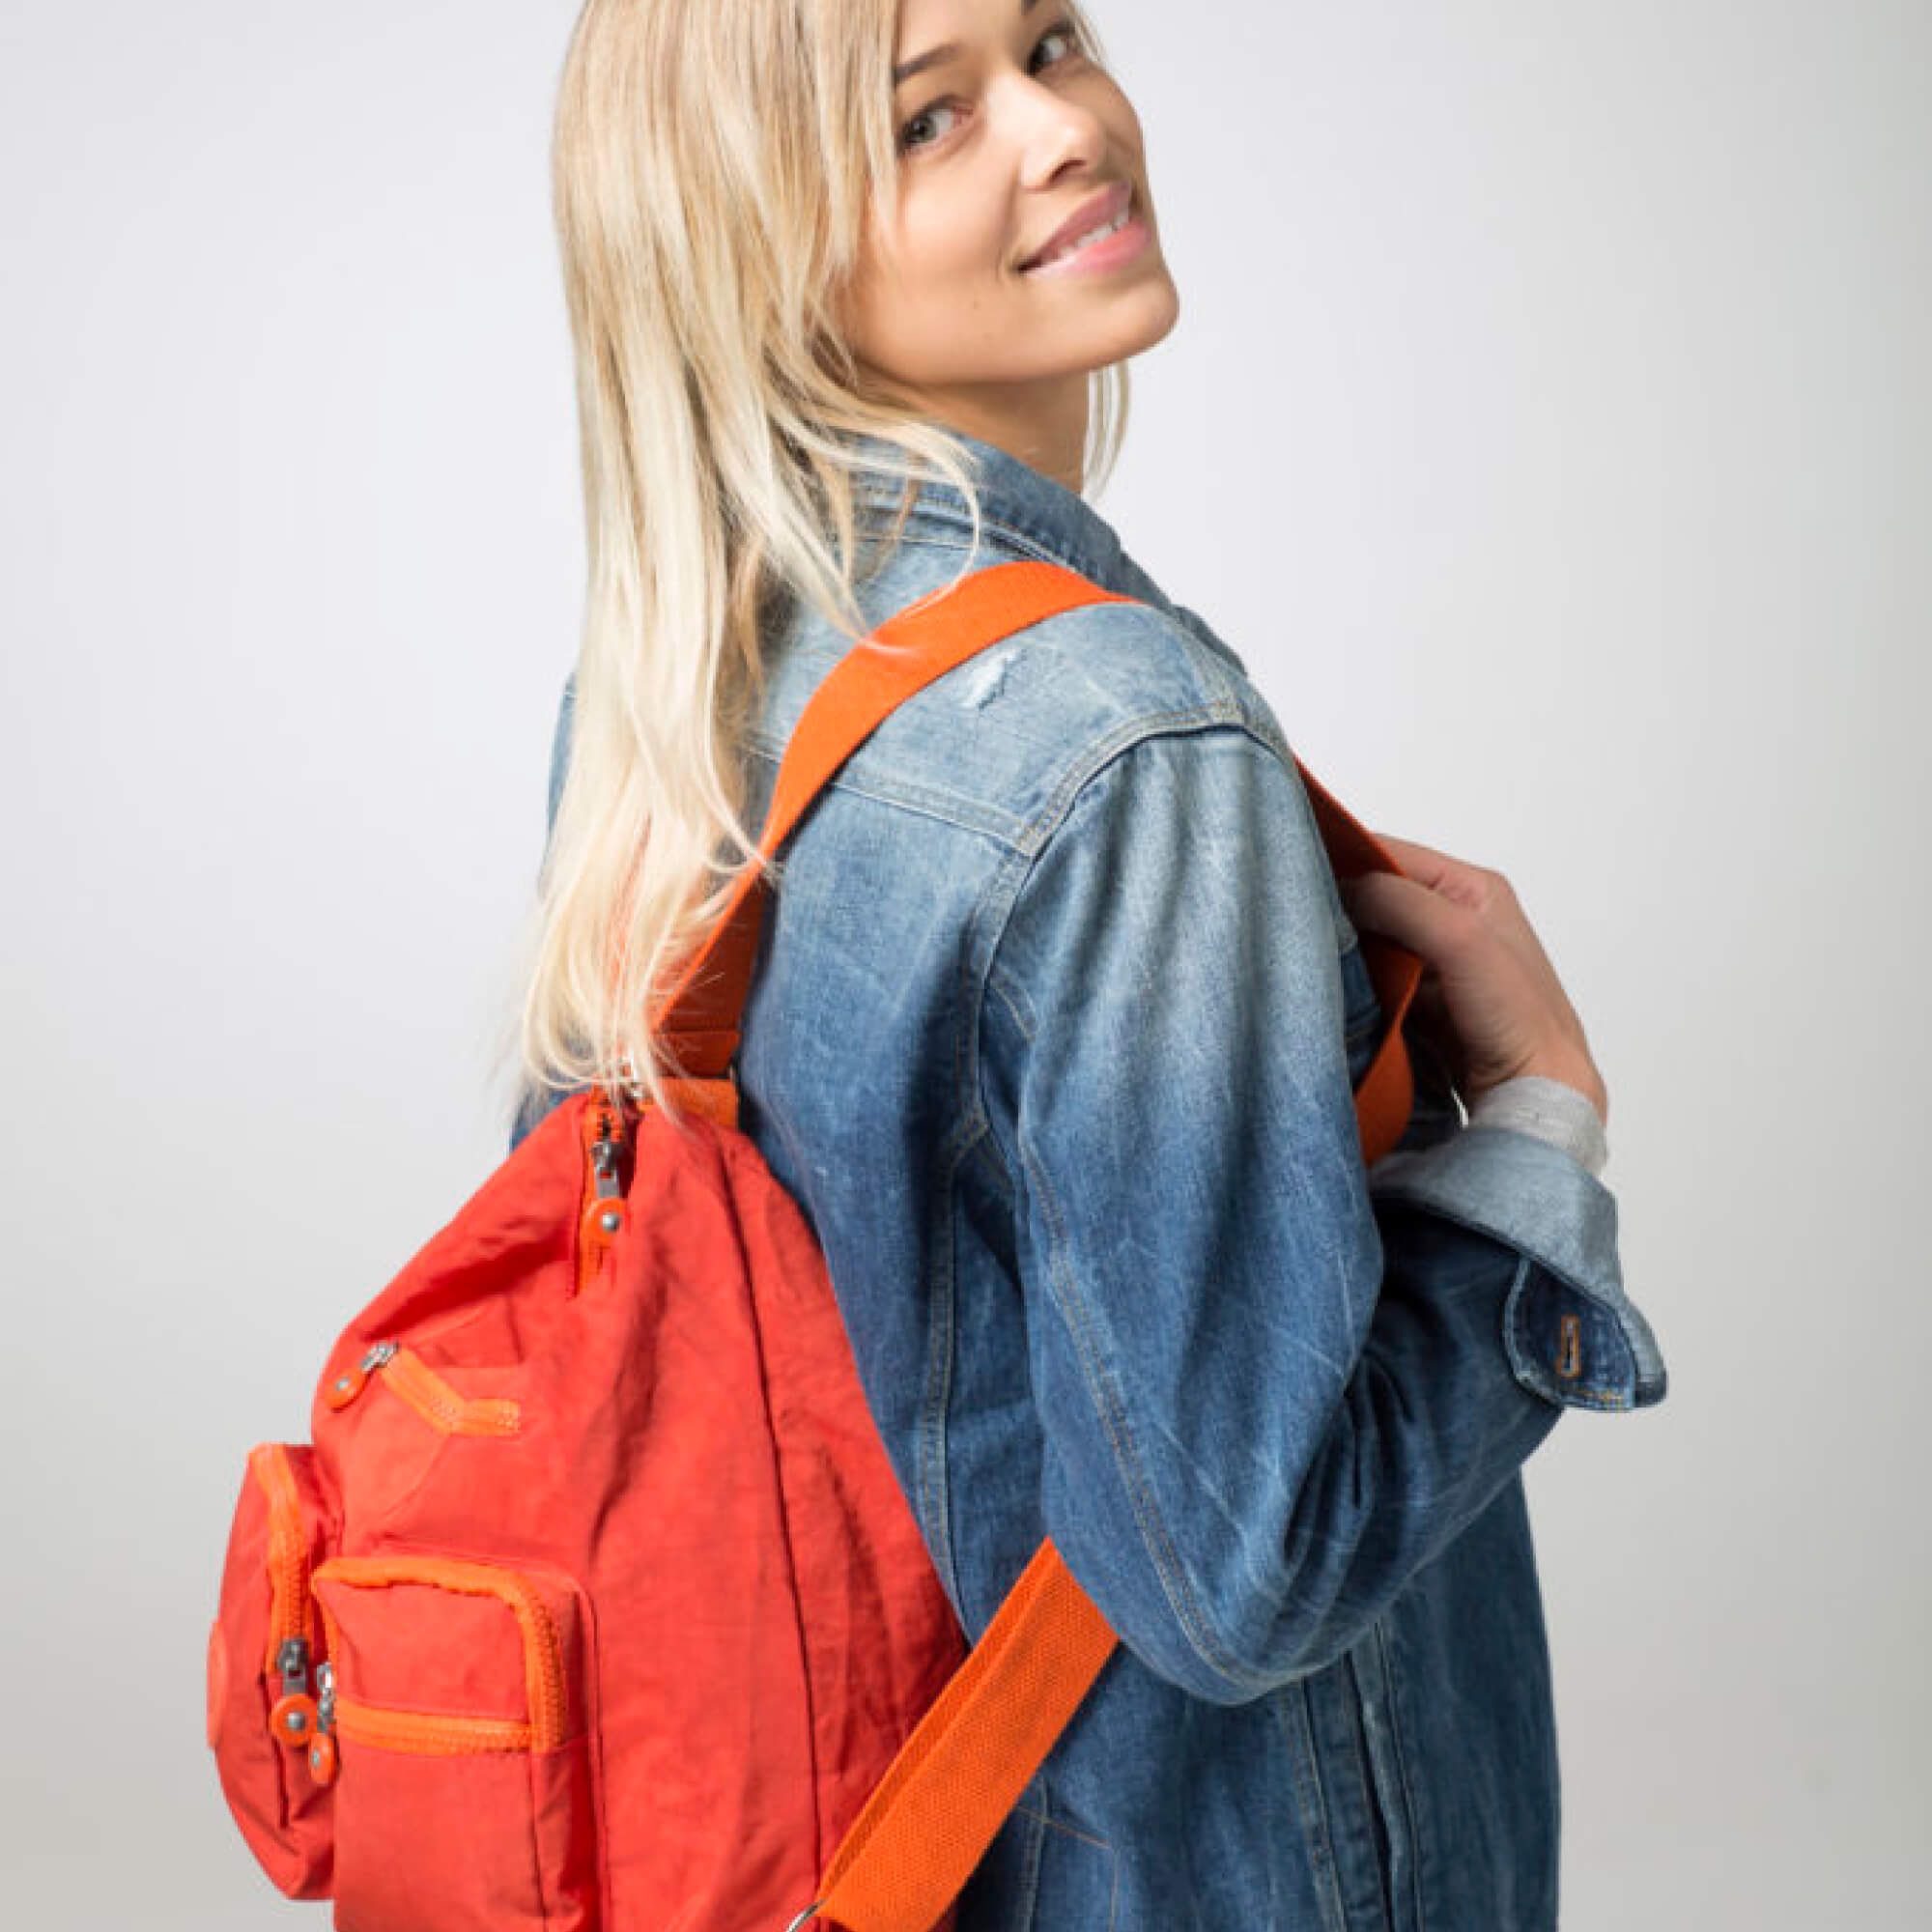 A BergsFlexy bag in orange.